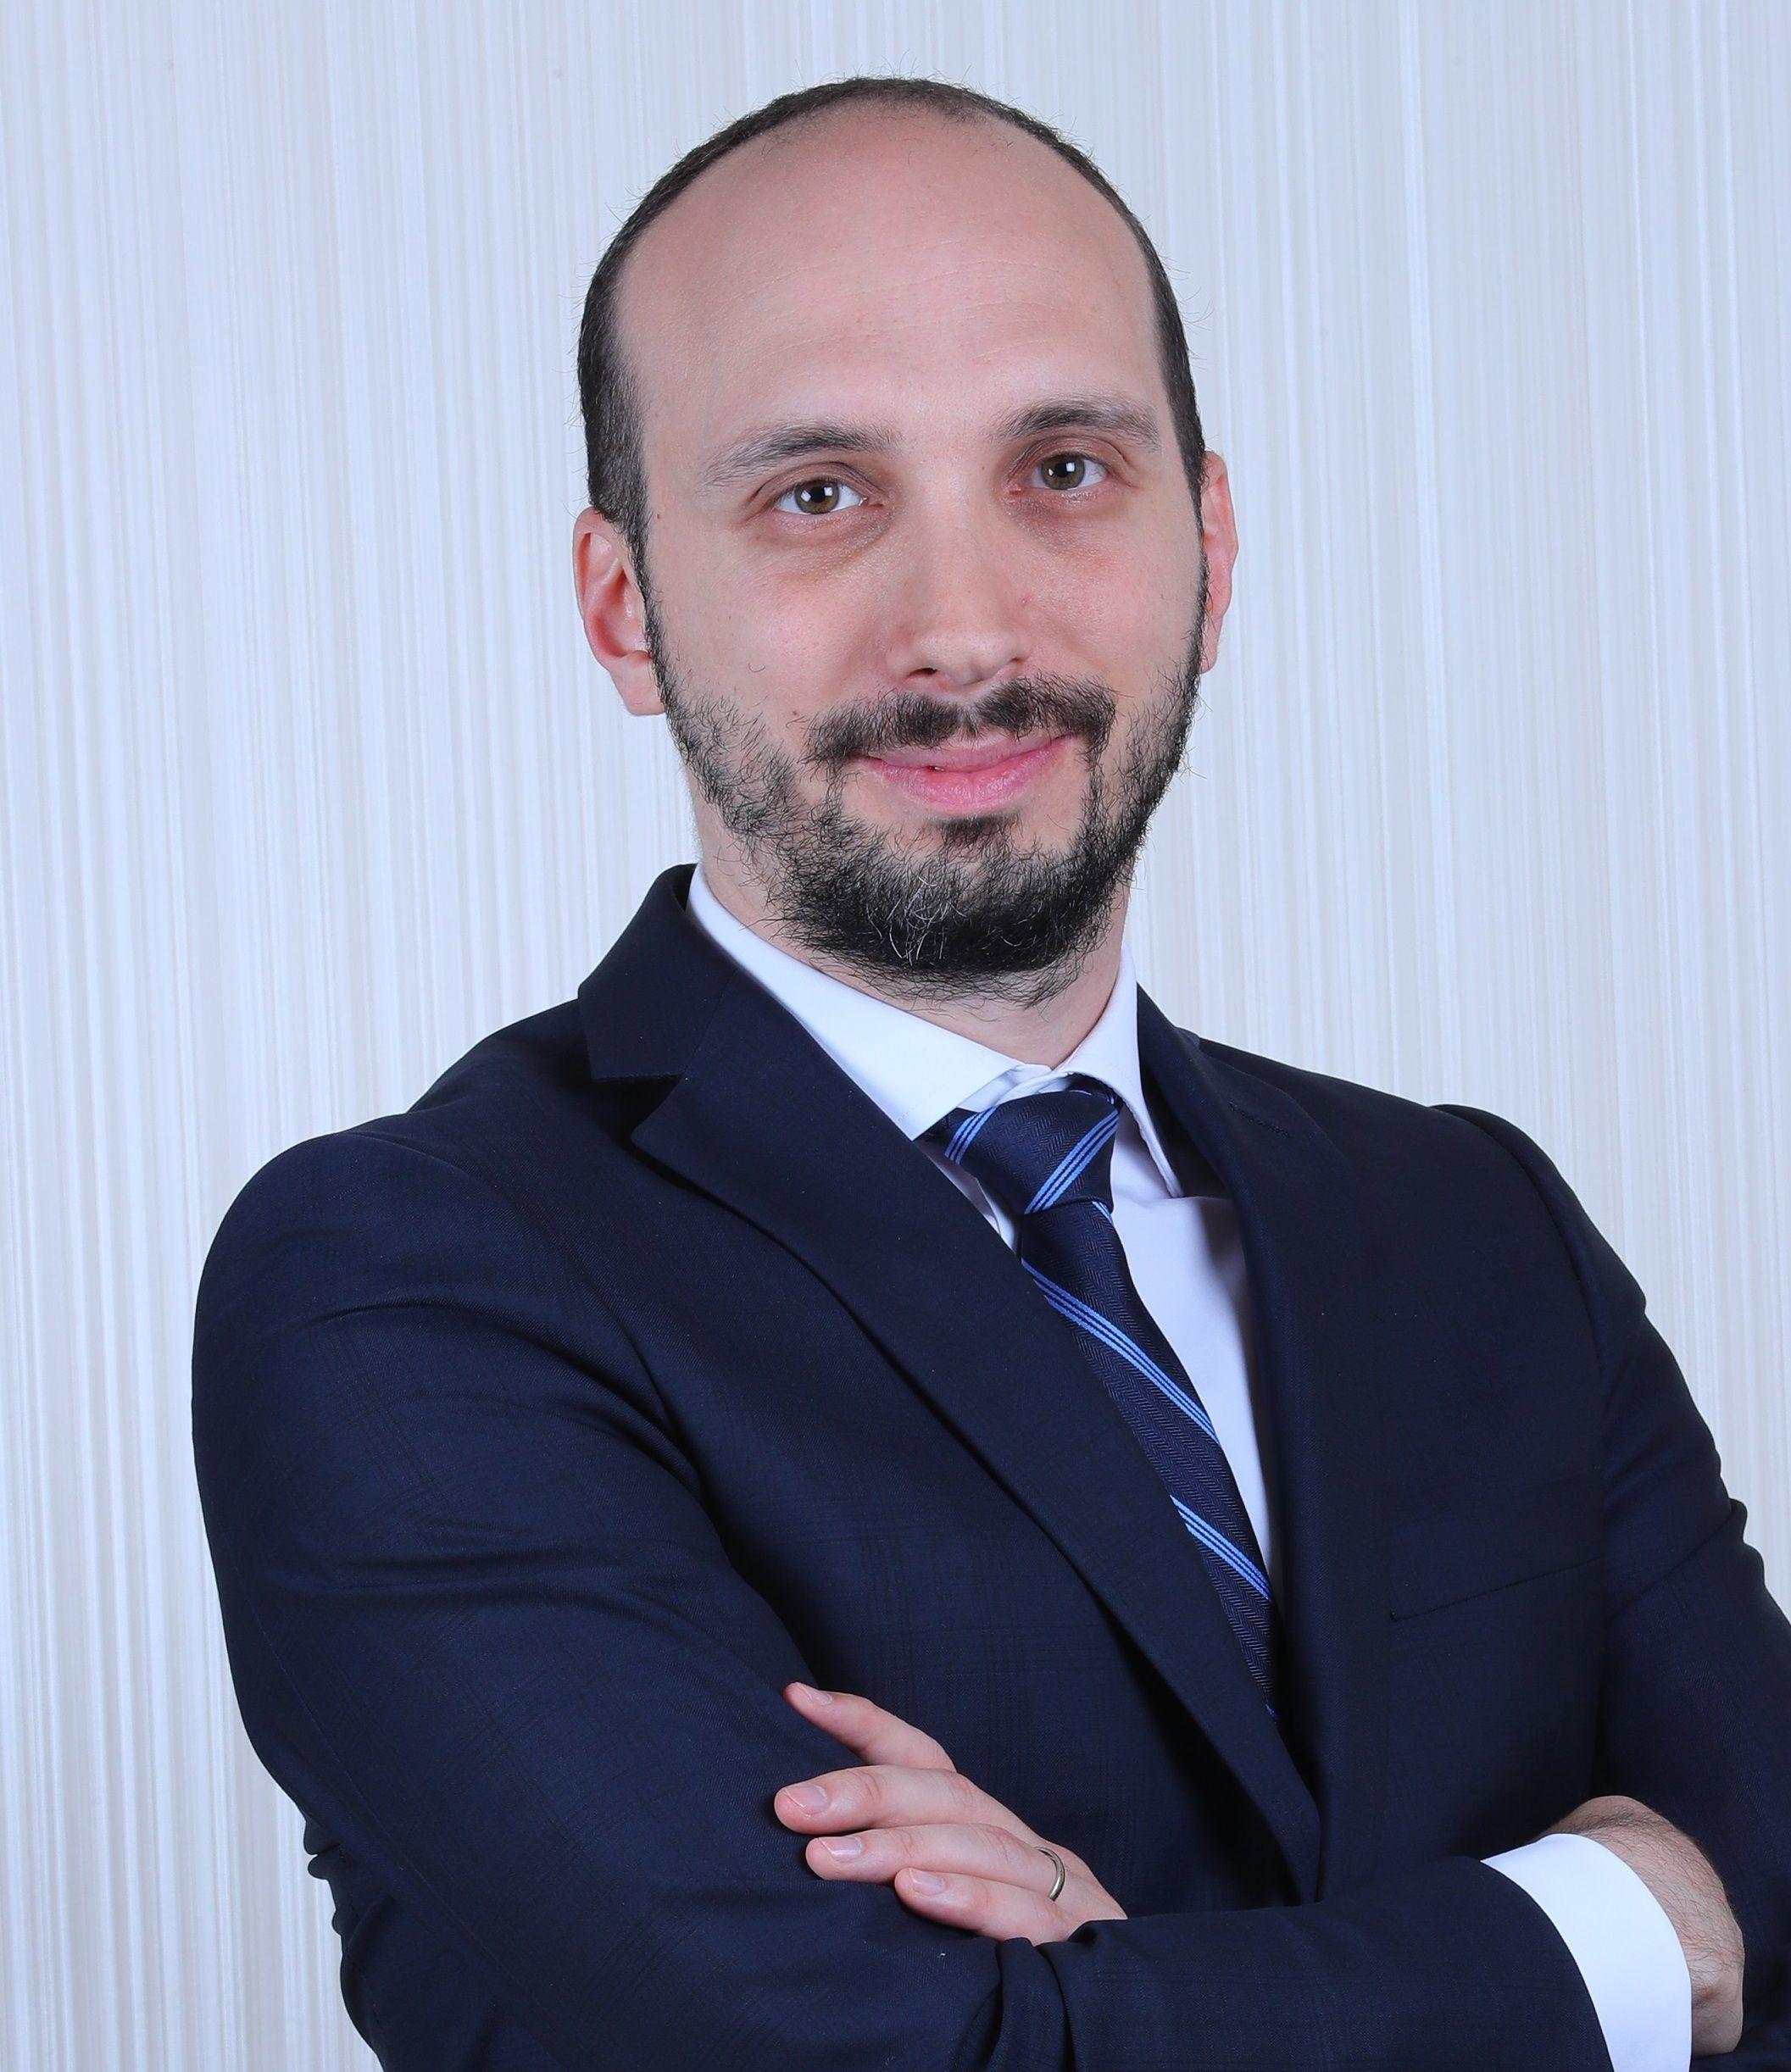 Joe ElSebaaly